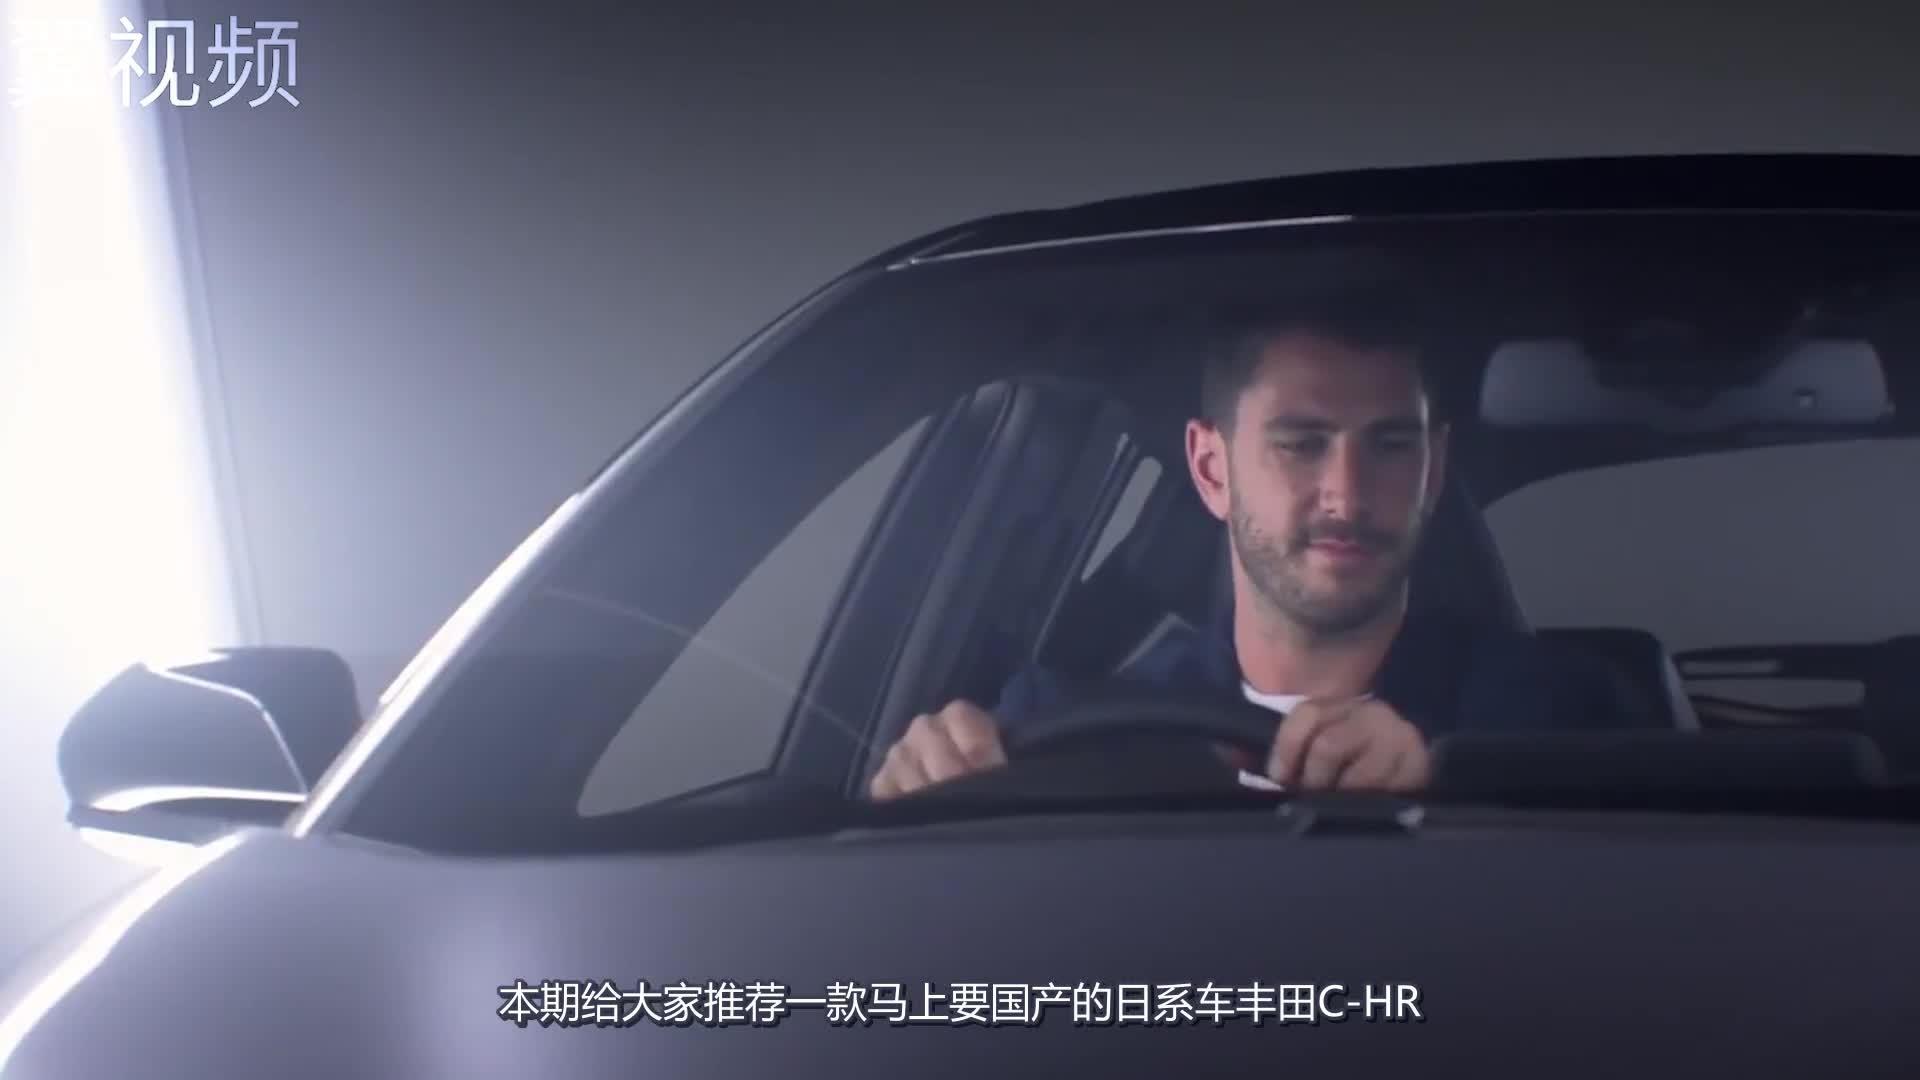 广汽丰田CH-R搭载1.2T发动机,颜值完爆XR-V,售价亲民  ?